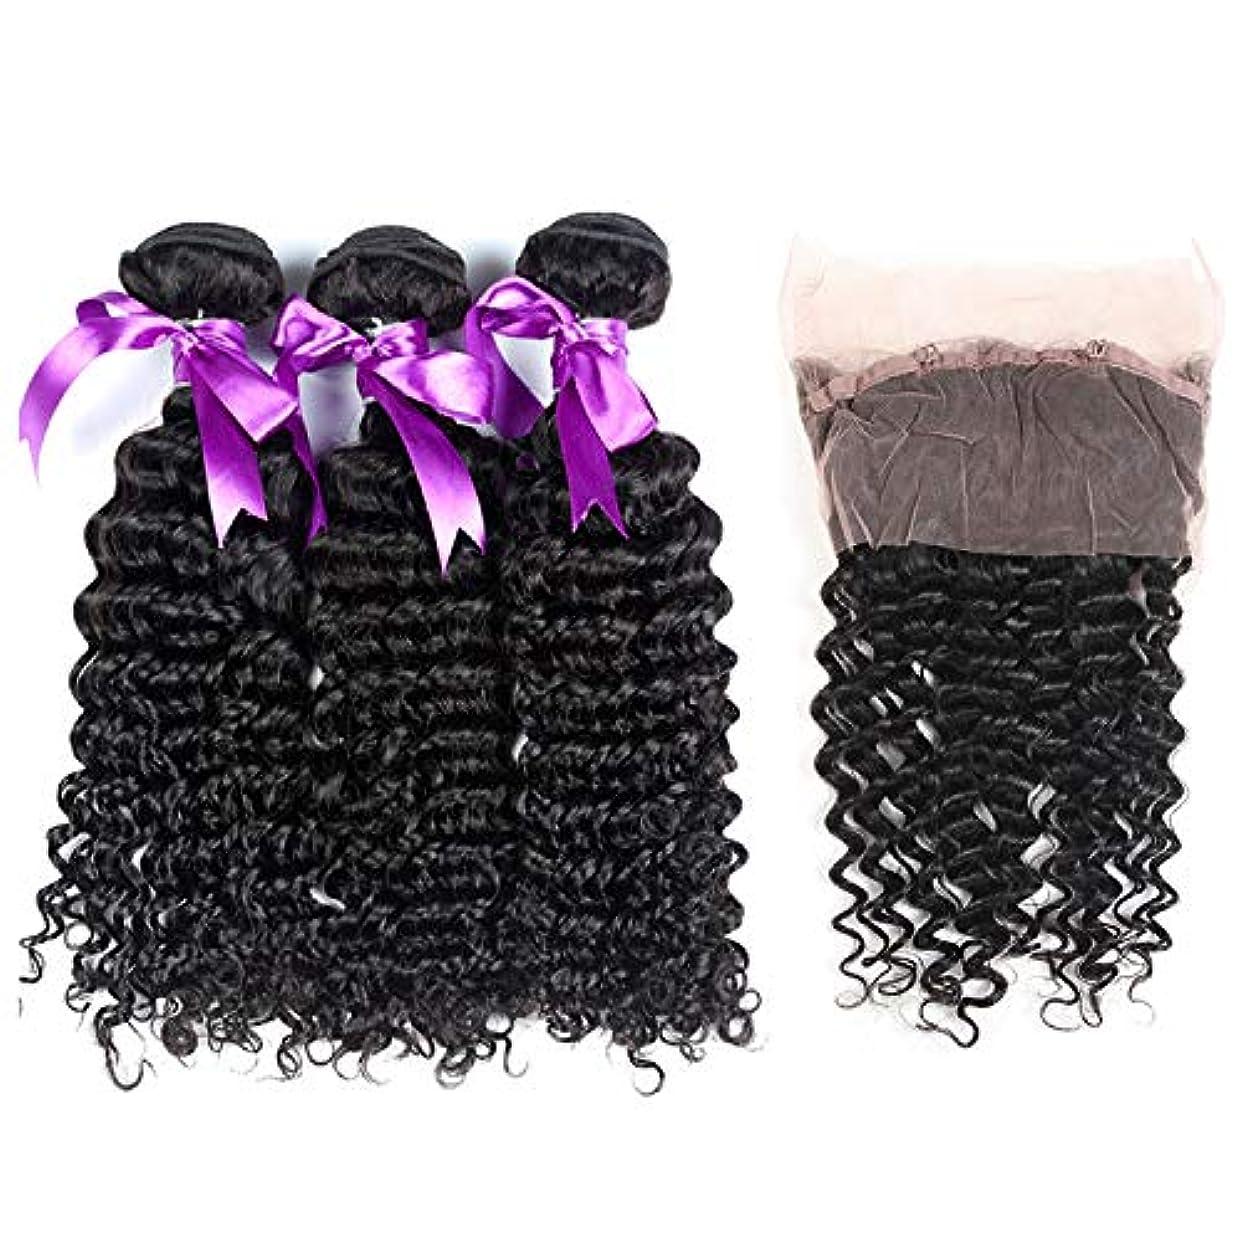 起点一般的な発音人間の髪の毛のかつら360レース前頭閉鎖とブラジルのディープウェーブの束100%Non-Remy人間の髪の束 かつら (Length : 10 10 10 Closure10)